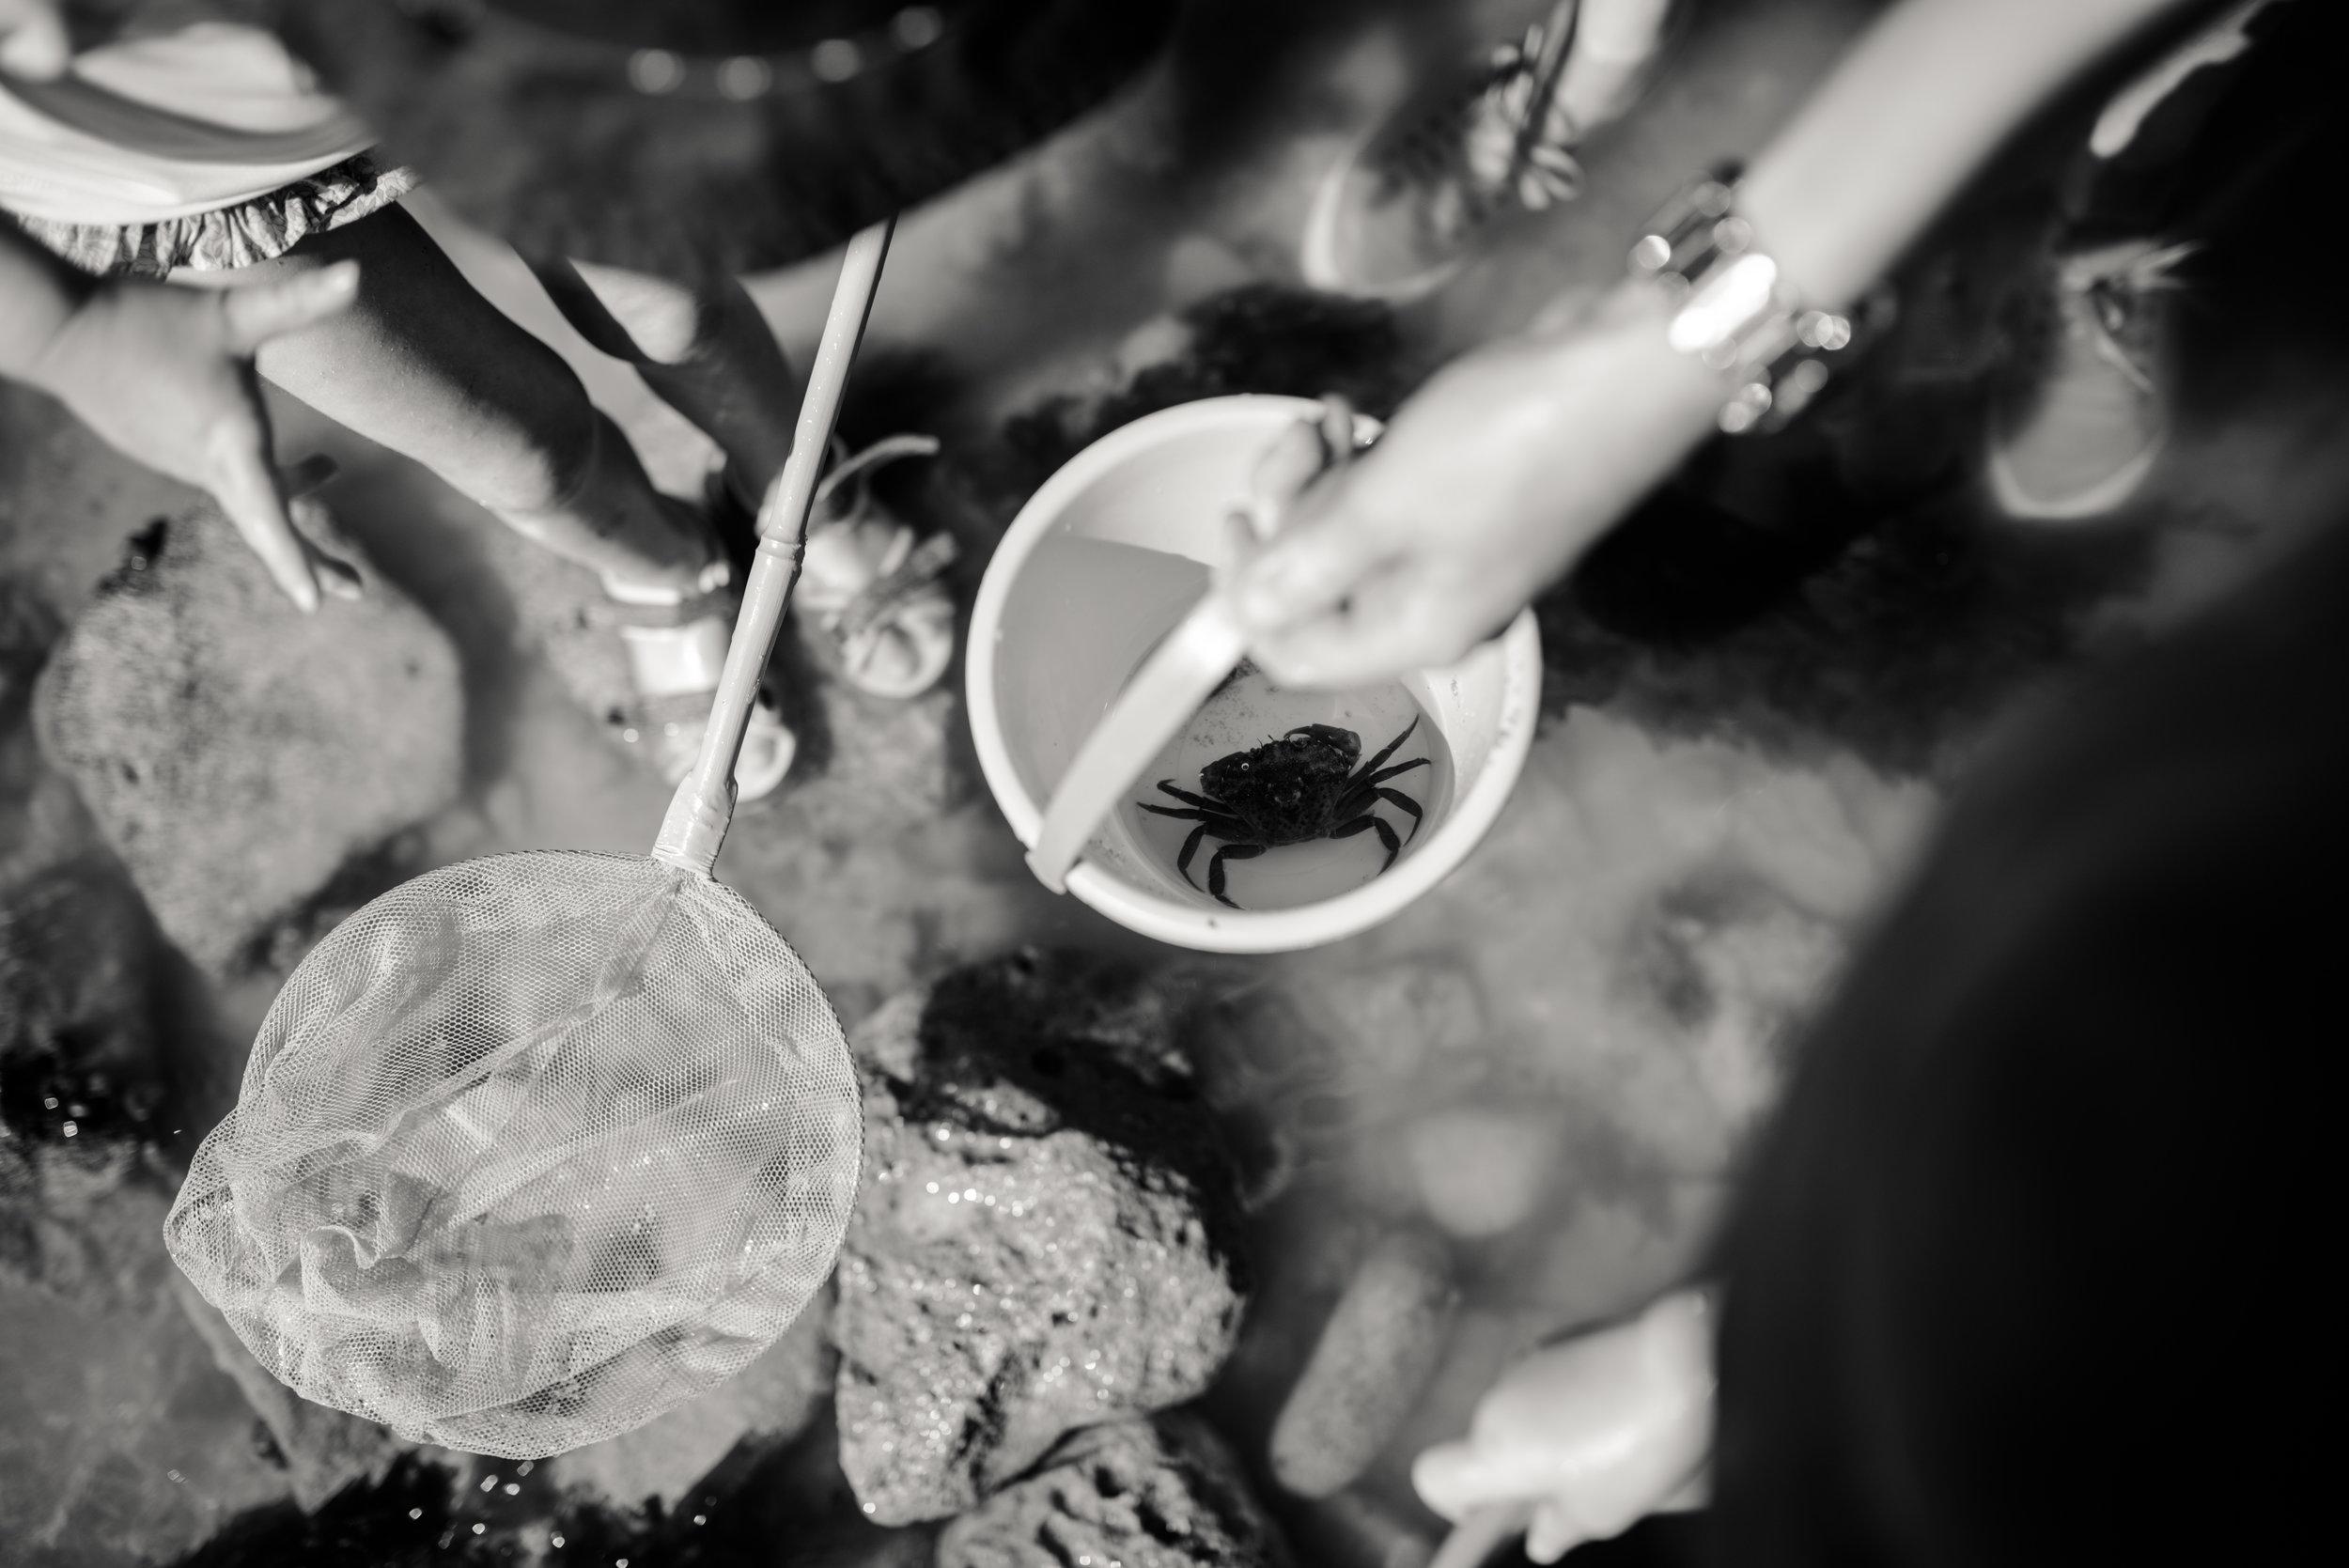 Léa-Fery-photographe-professionnel-lyon-rhone-alpes-portrait-creation-mariage-evenement-evenementiel-famille-2719.jpg